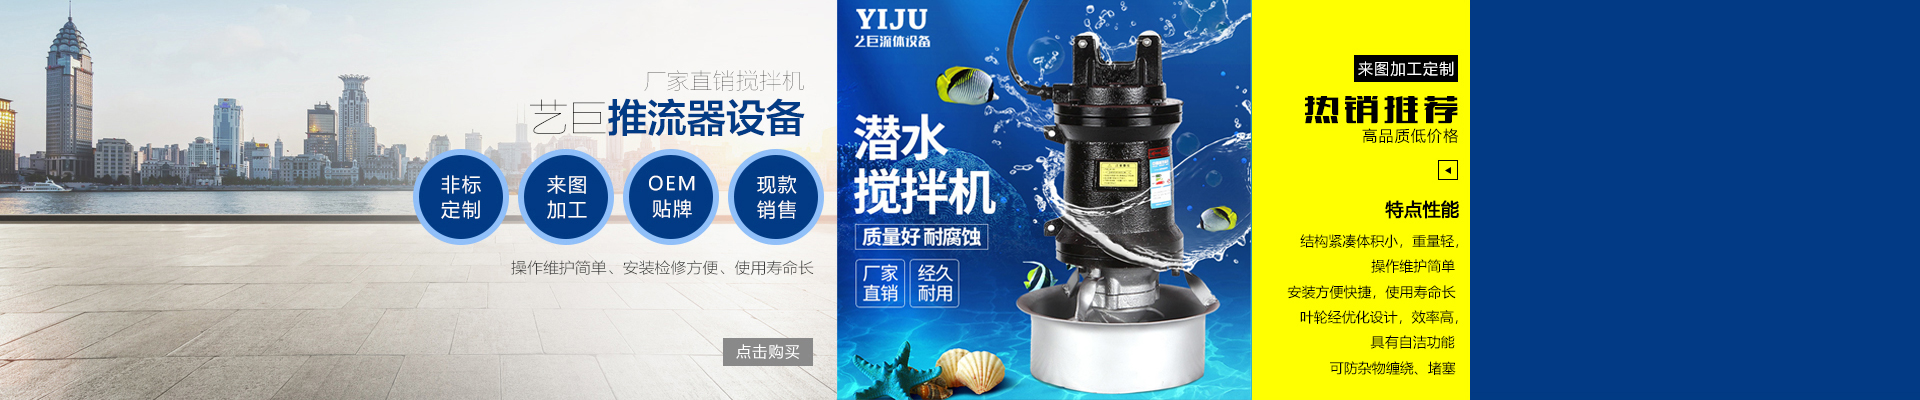 上海艺巨流体设备制造有限公司